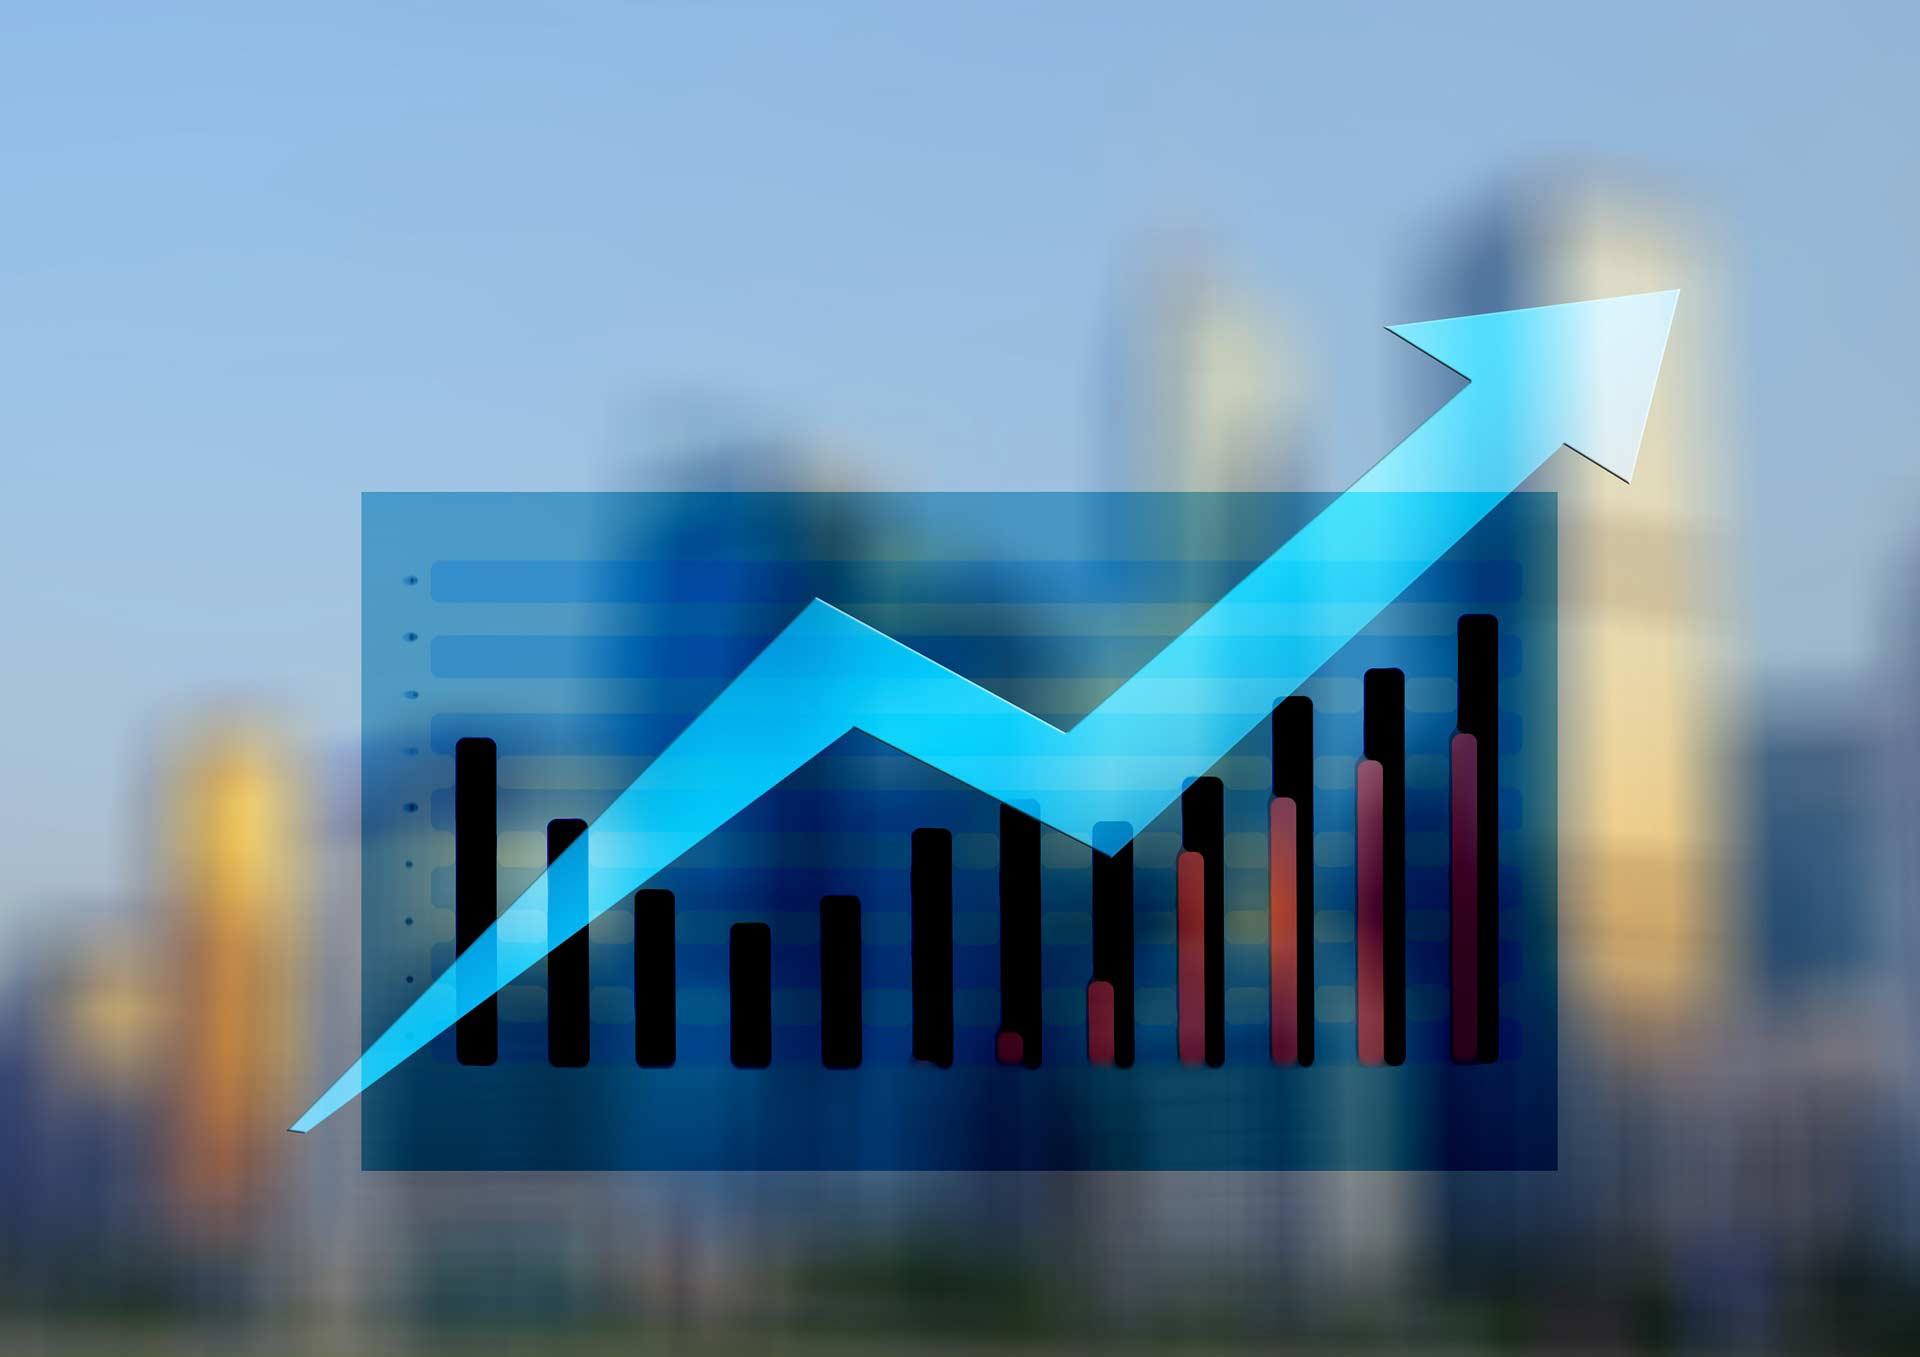 I corsi di Business Intelligence organizzati da FormadHoc a Erba, Lomazzo, online.